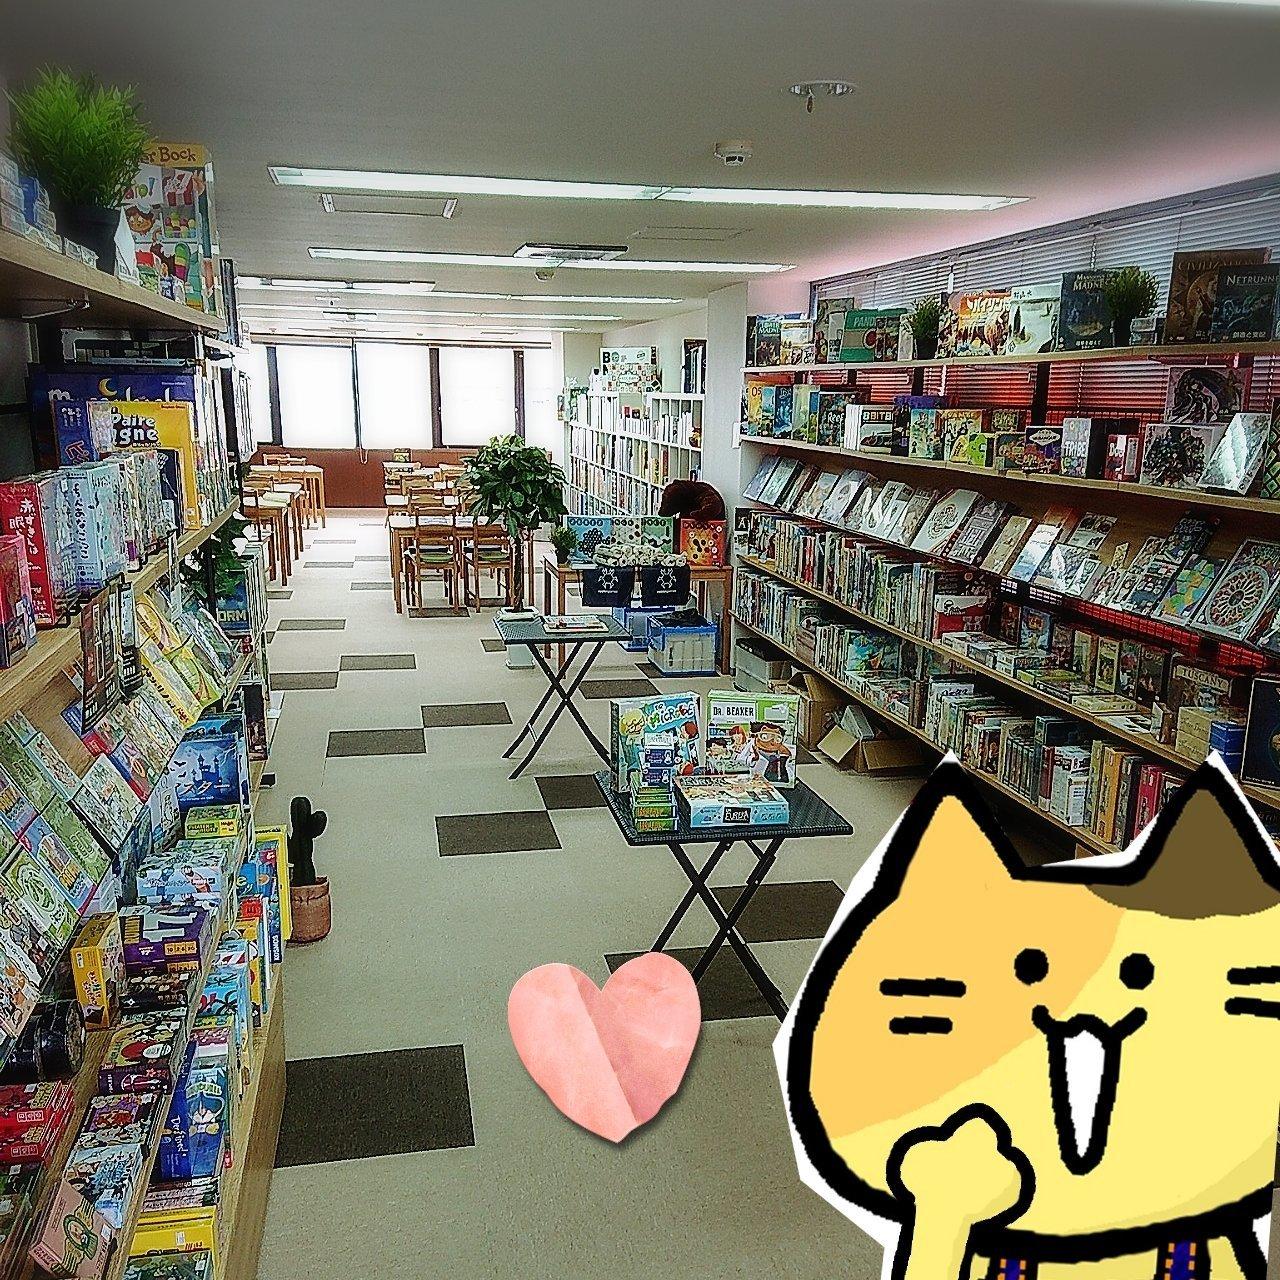 ボードゲームカフェ&ショップaglet六本松店(アグレットロッポンマツテン)